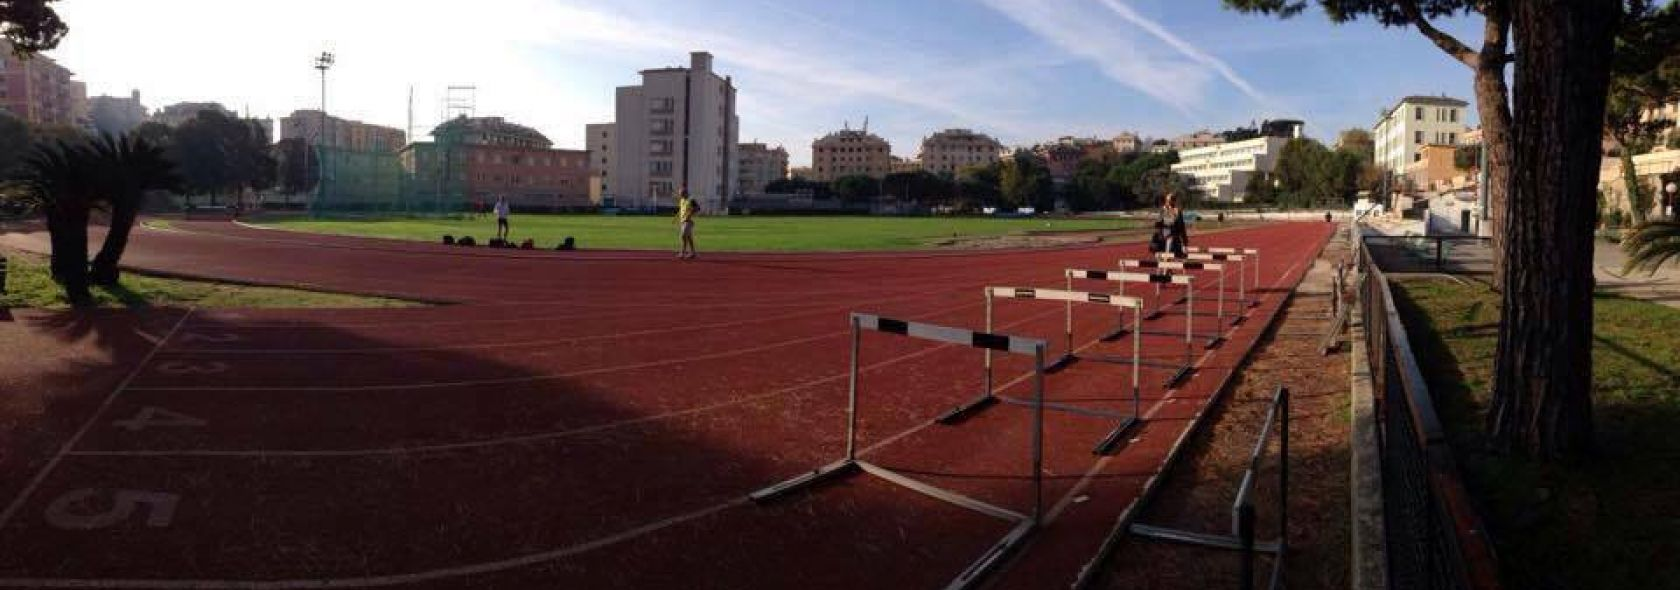 L'impianto di atletica a Villa Gentile